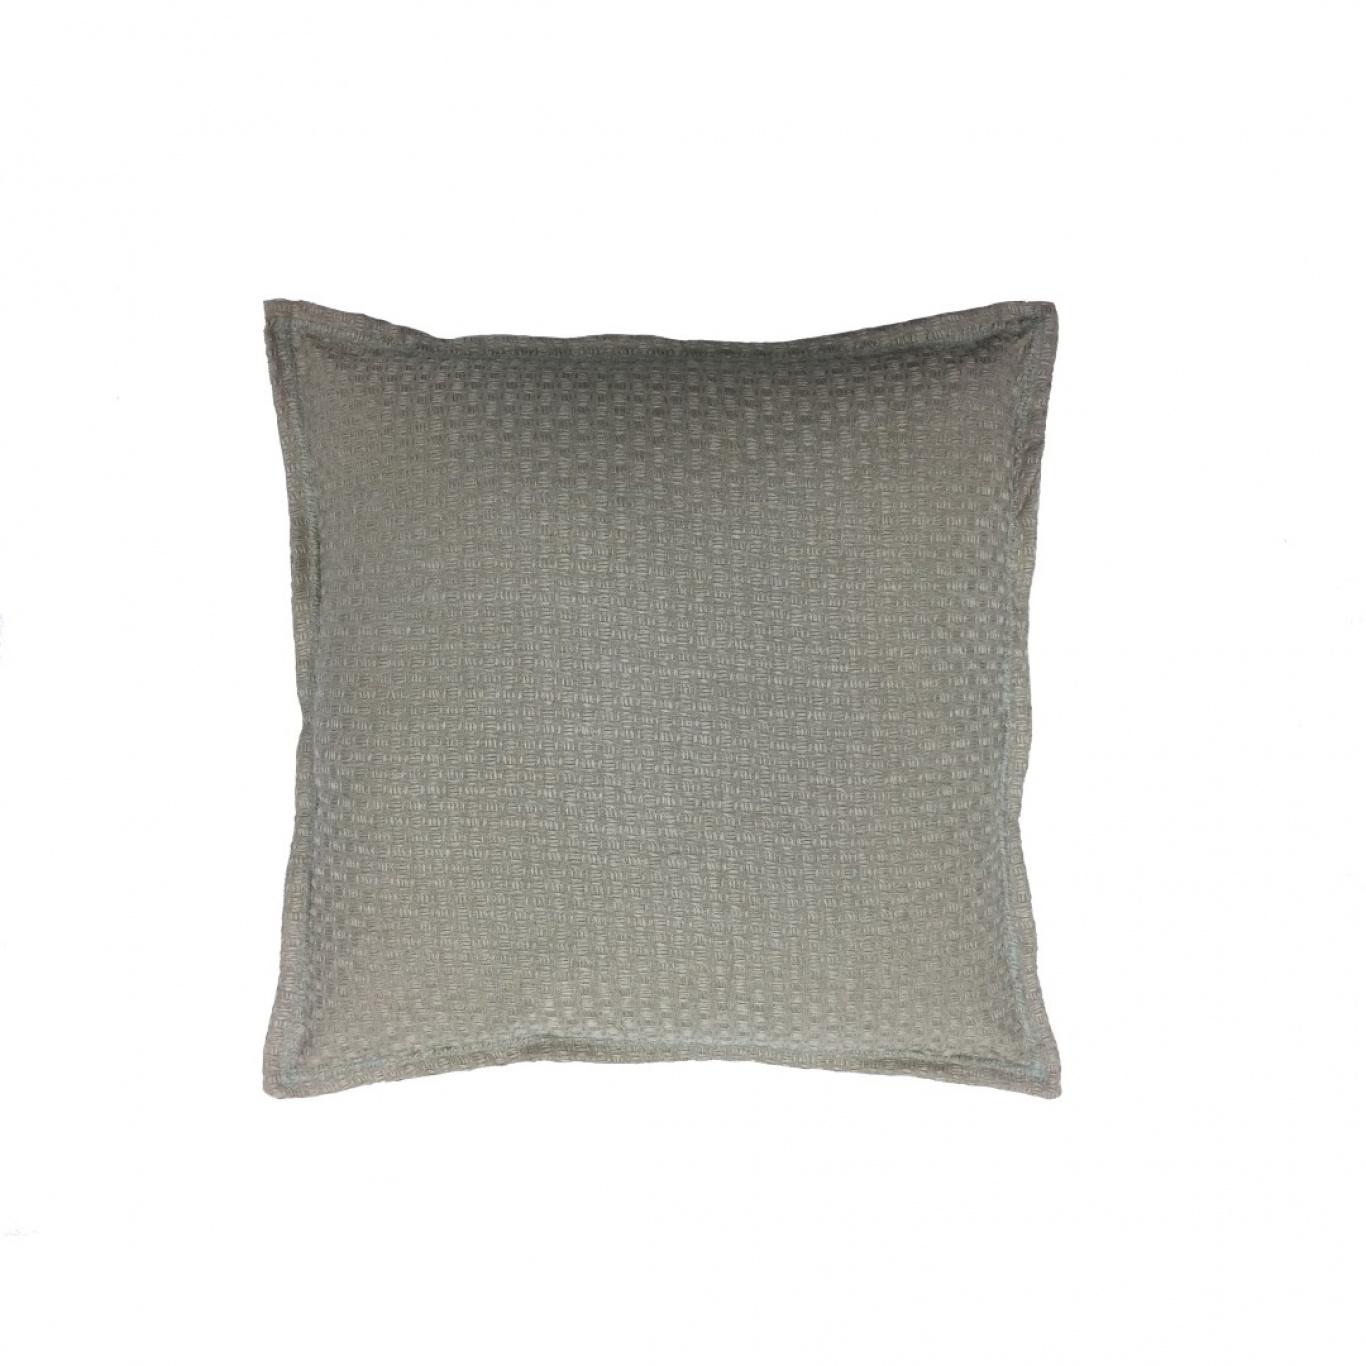 Image of Voyage Nessa Lichen Cushion